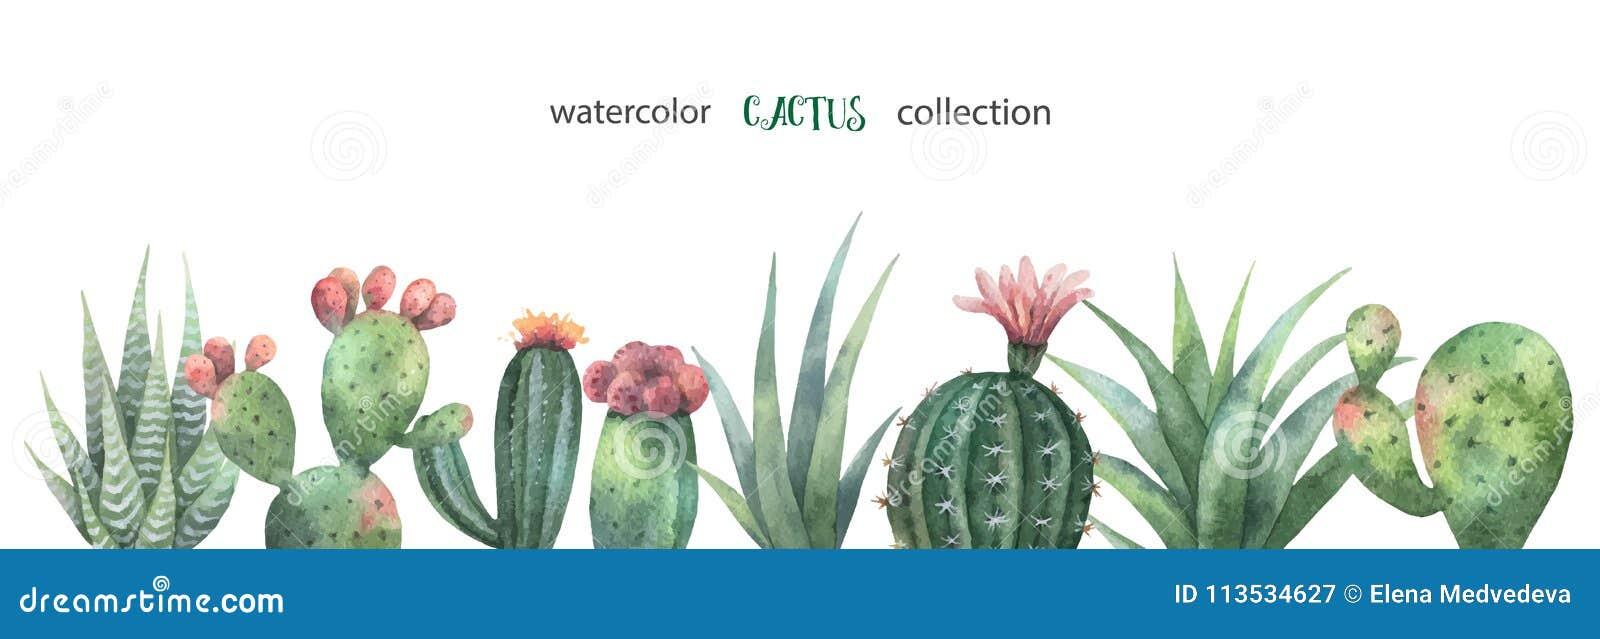 Vattenfärgvektorbaner av kakturs och suckulentväxter som isoleras på vit bakgrund